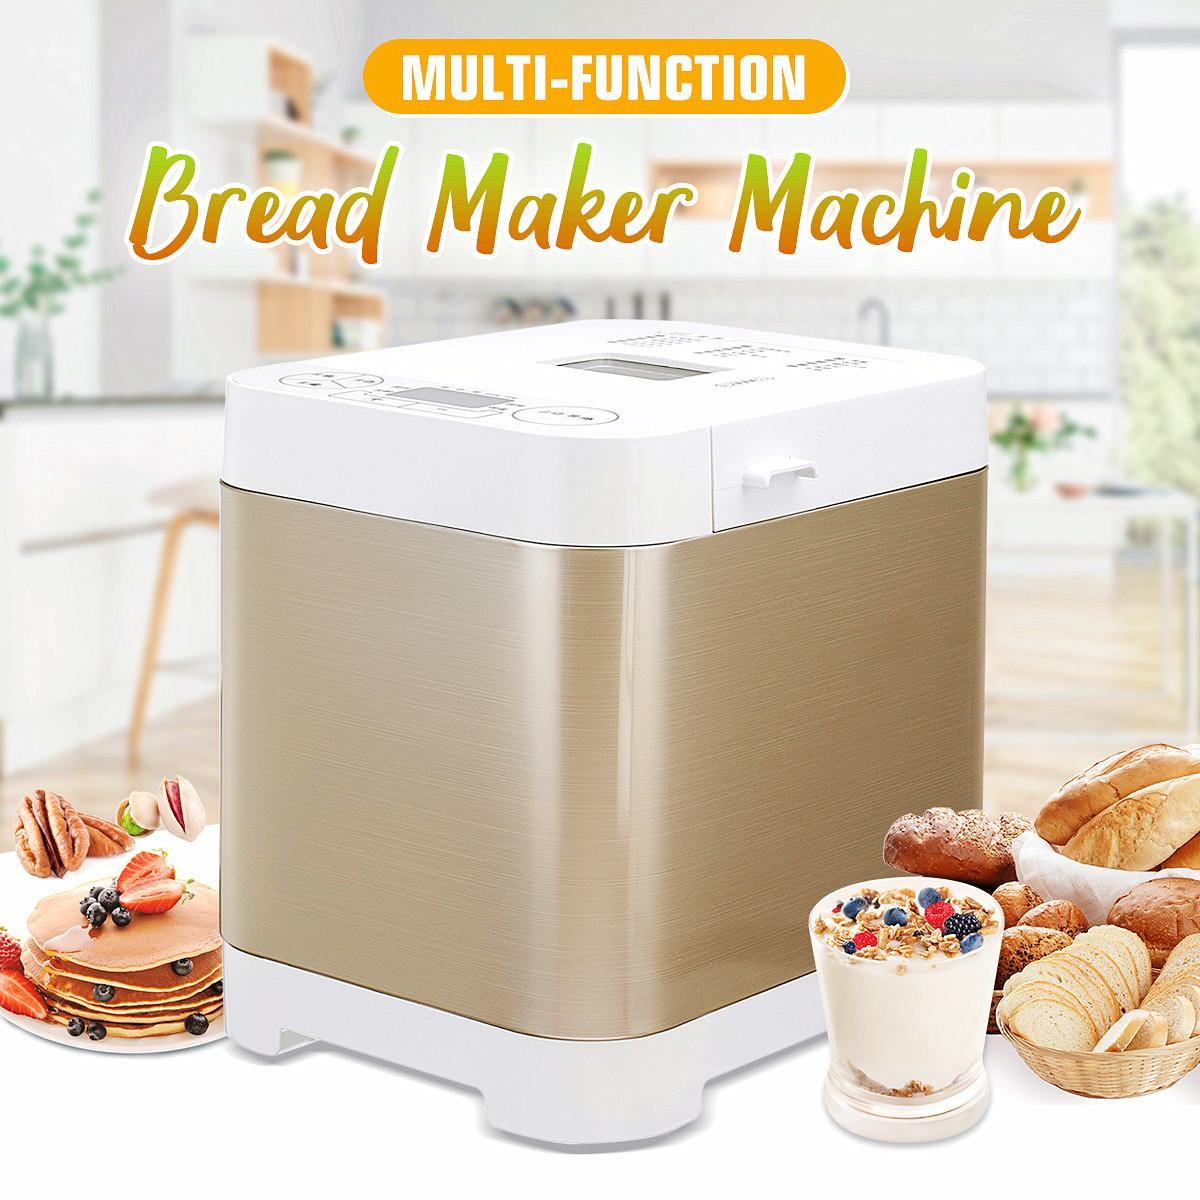 Nova 450 W Mini Multifunções Máquina De Fazer Pão Automática Inteligente Pão assar Casa diy Fabricante de Iogurte Casa Máquina de Cozinhar Ferramentas